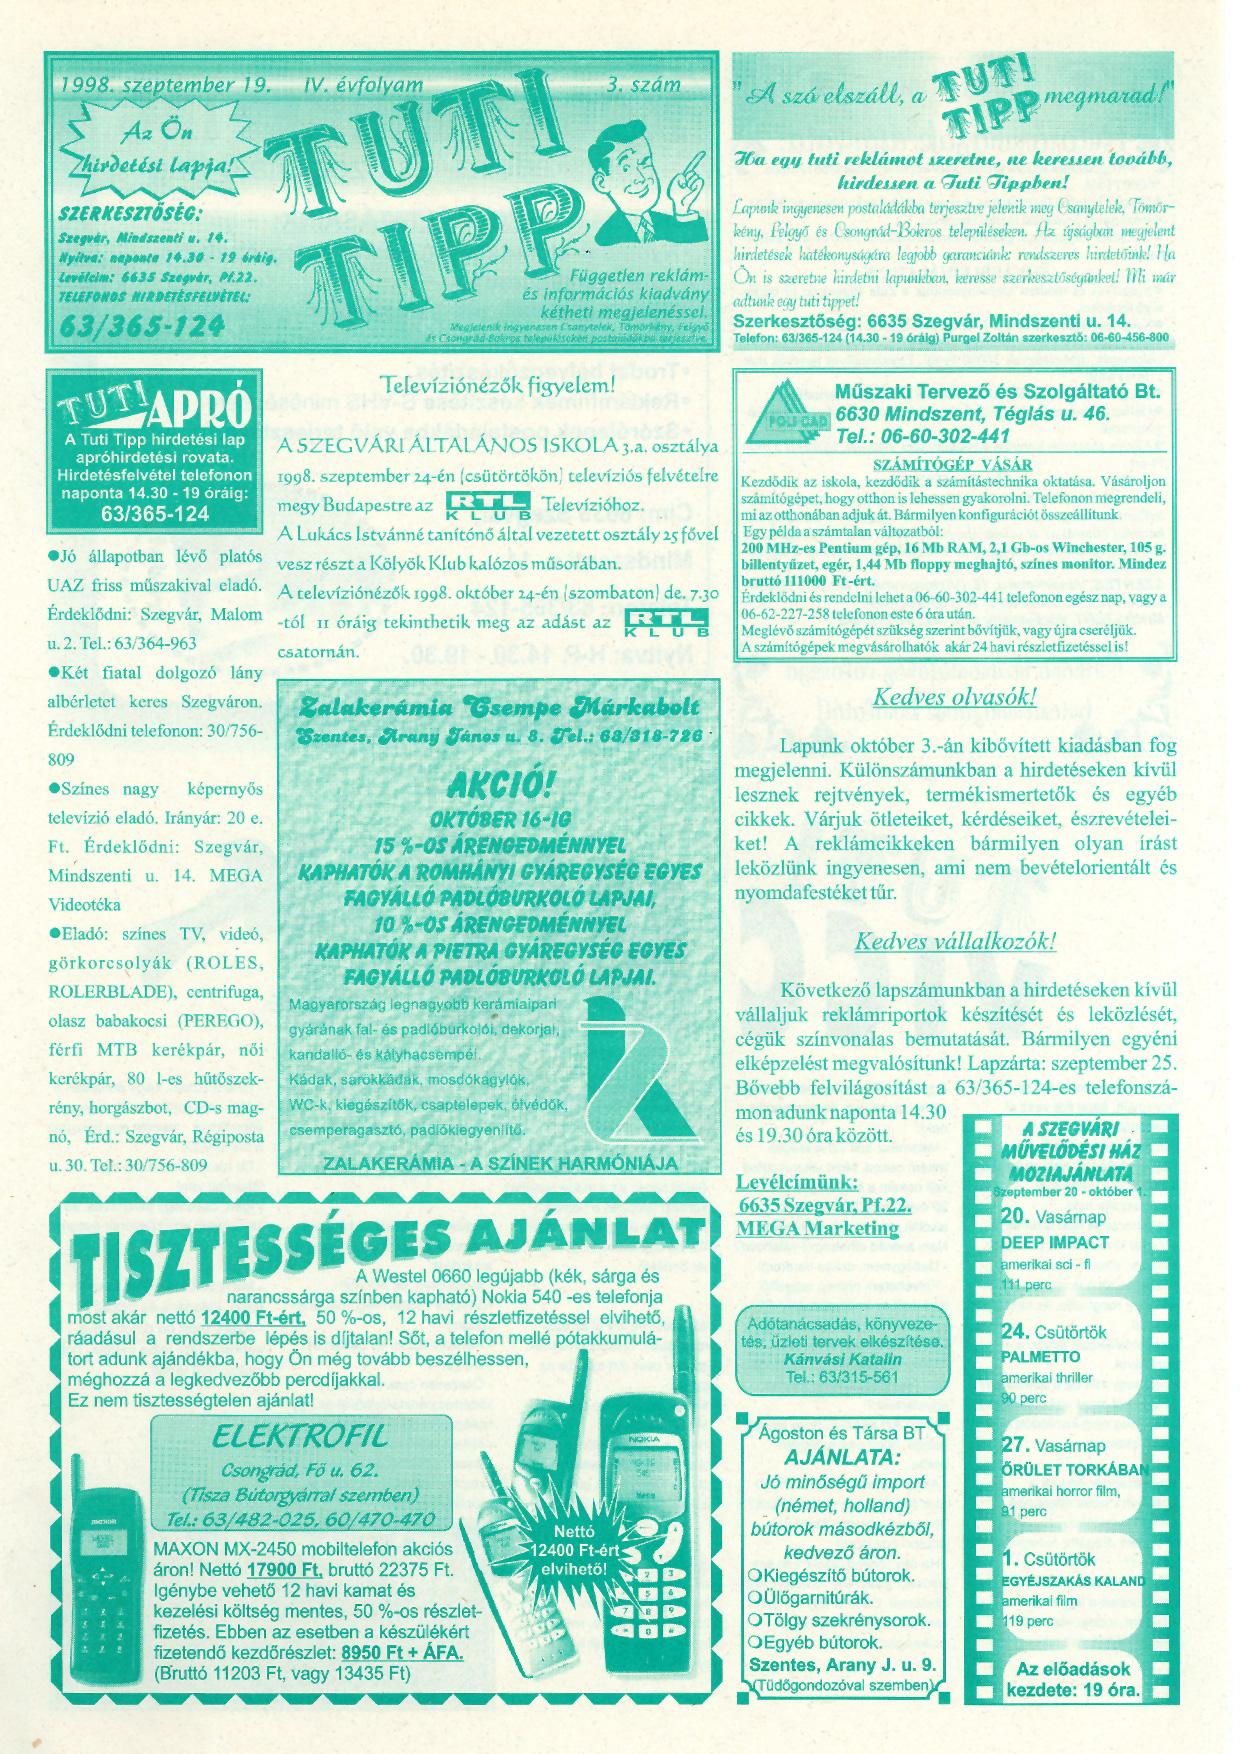 041 Tuti Tipp reklámújság - 19980919-003. lapszám - 1.oldal - IV. évfolyam.jpg